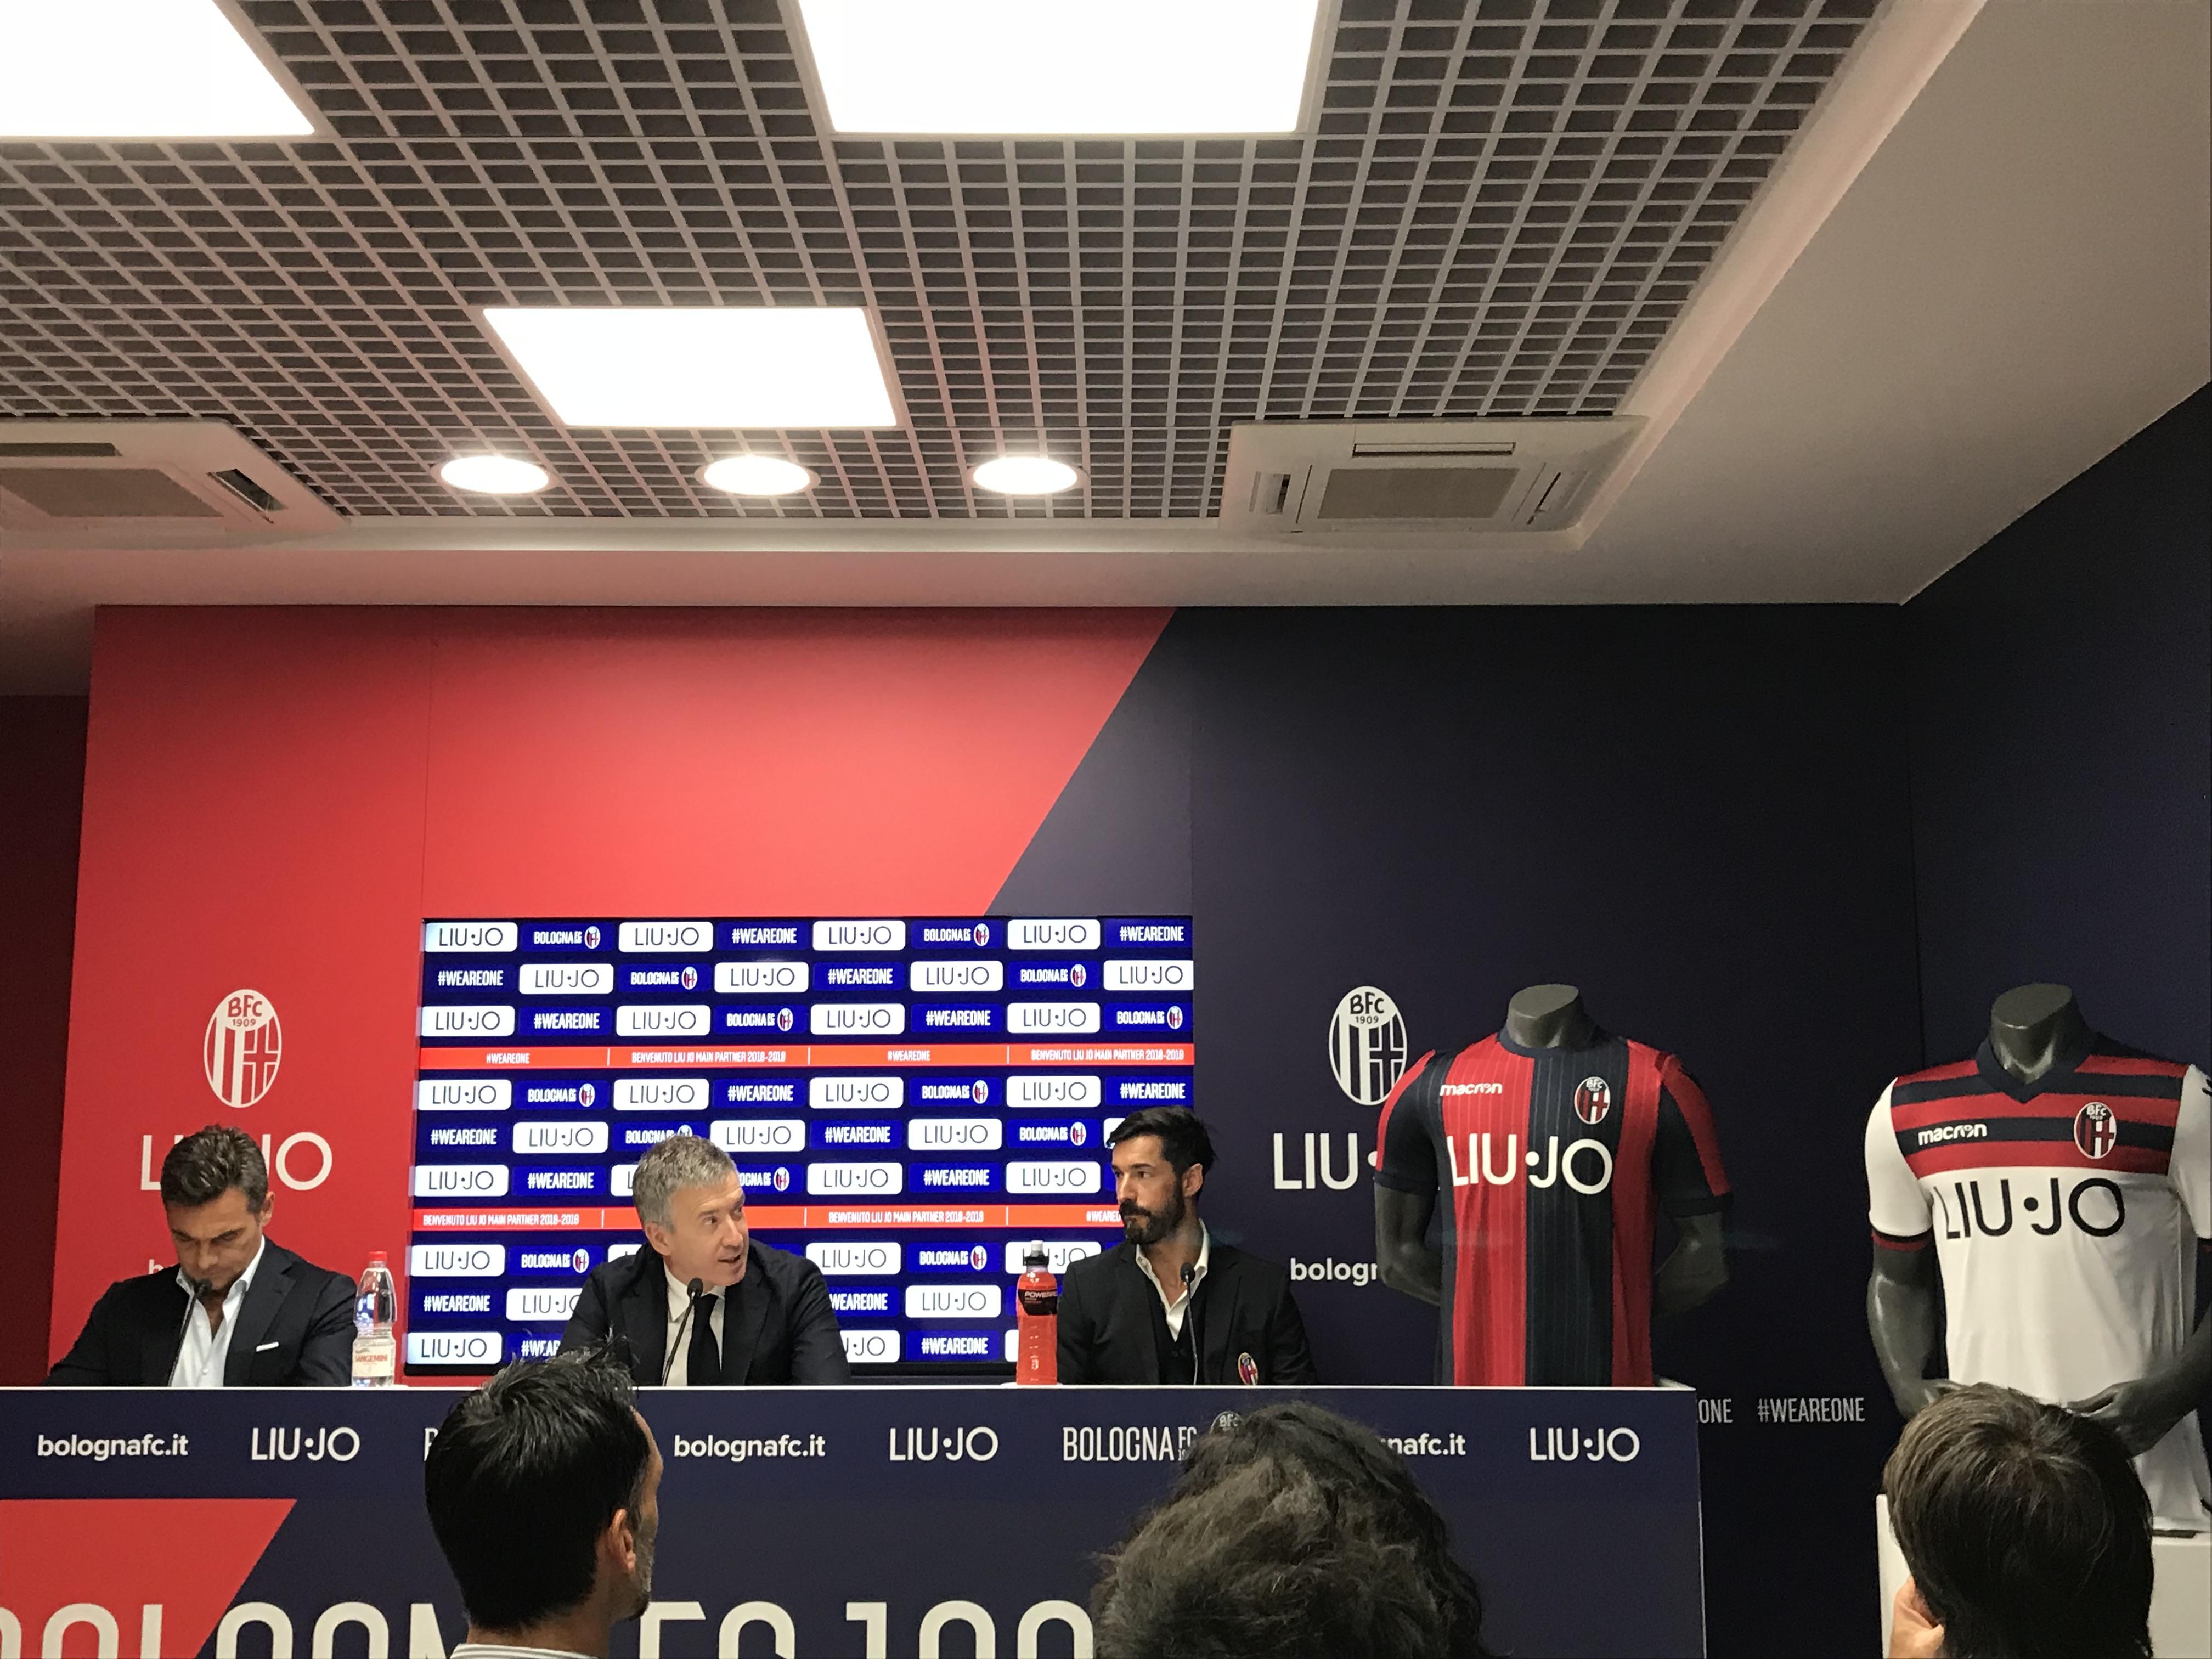 Bologna calcio nuove maglie